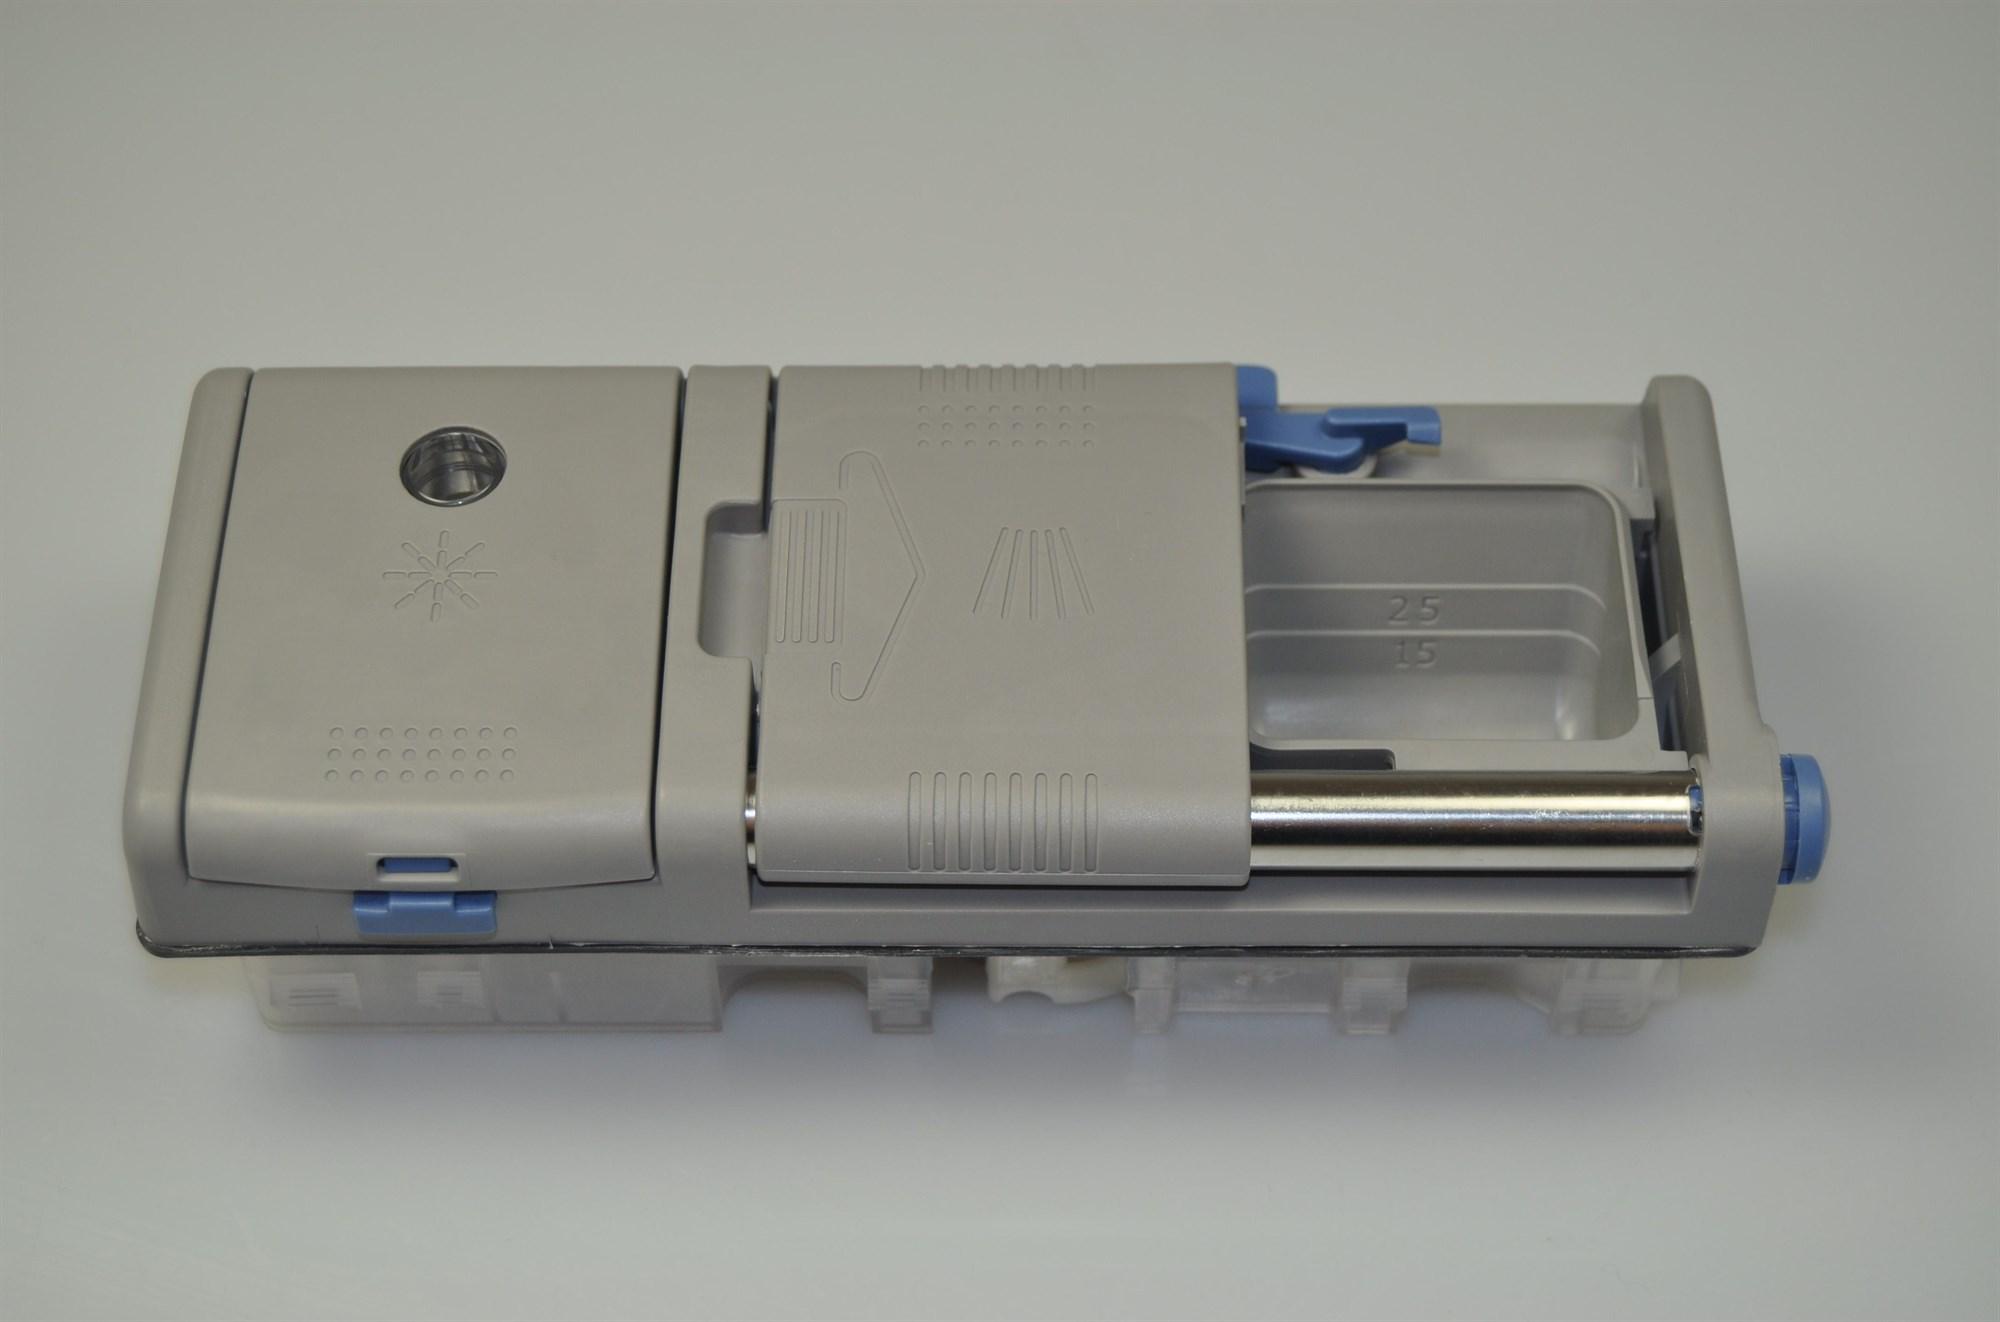 Detergent And Rinse Aid Dispenser Siemens Dishwasher